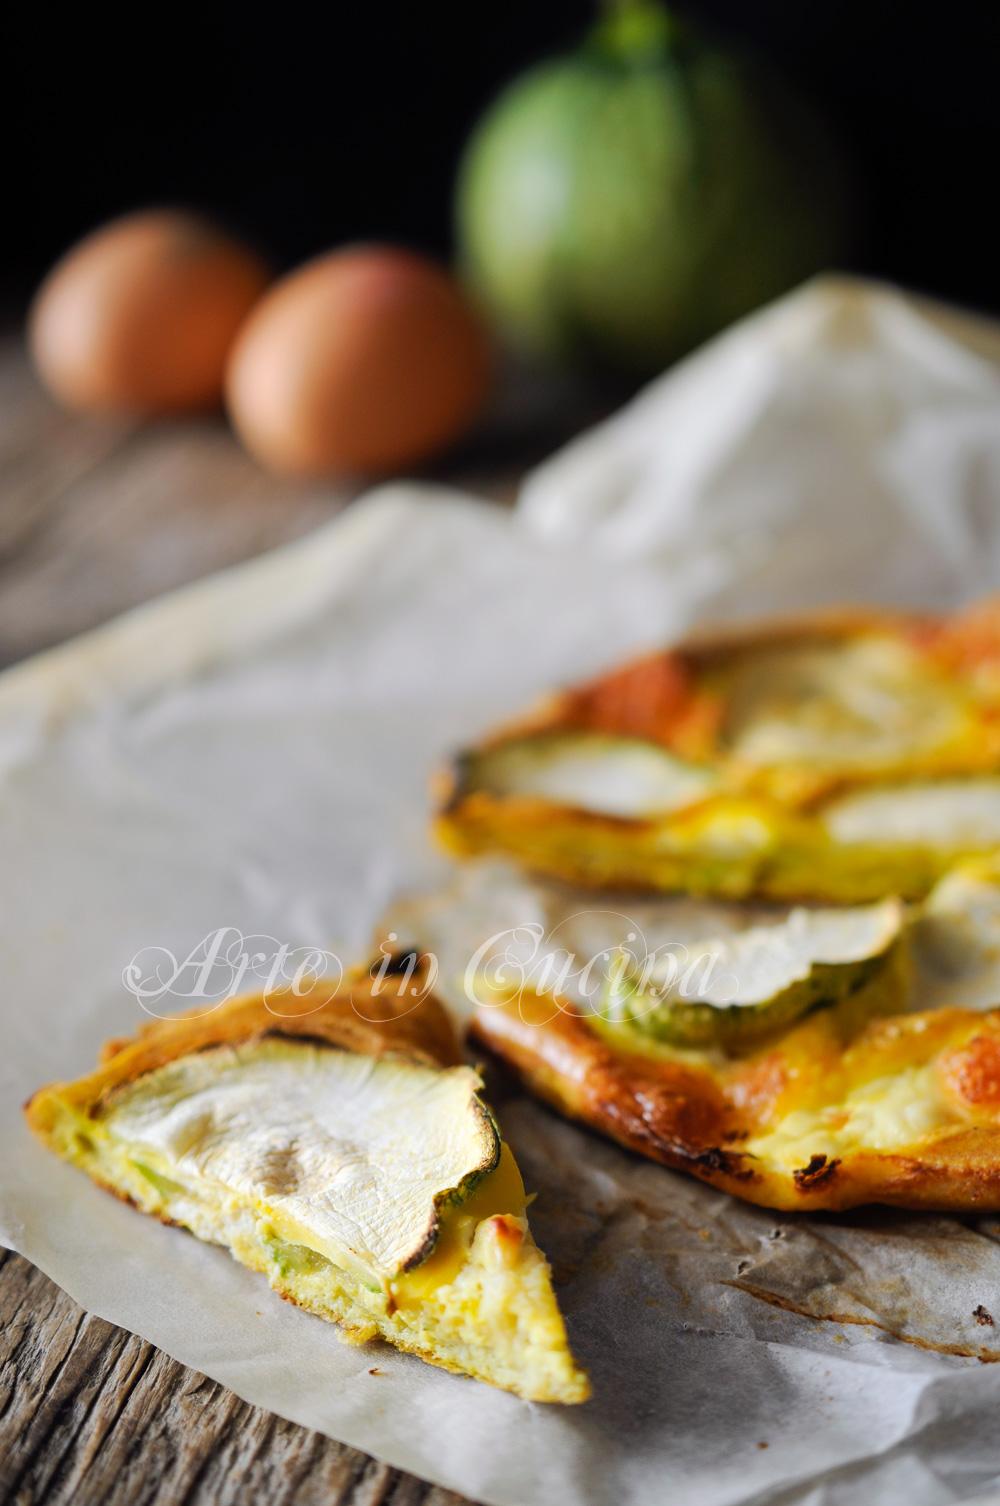 Frittata di zucchine e ricotta con provola al forno vickyart arte in cucina